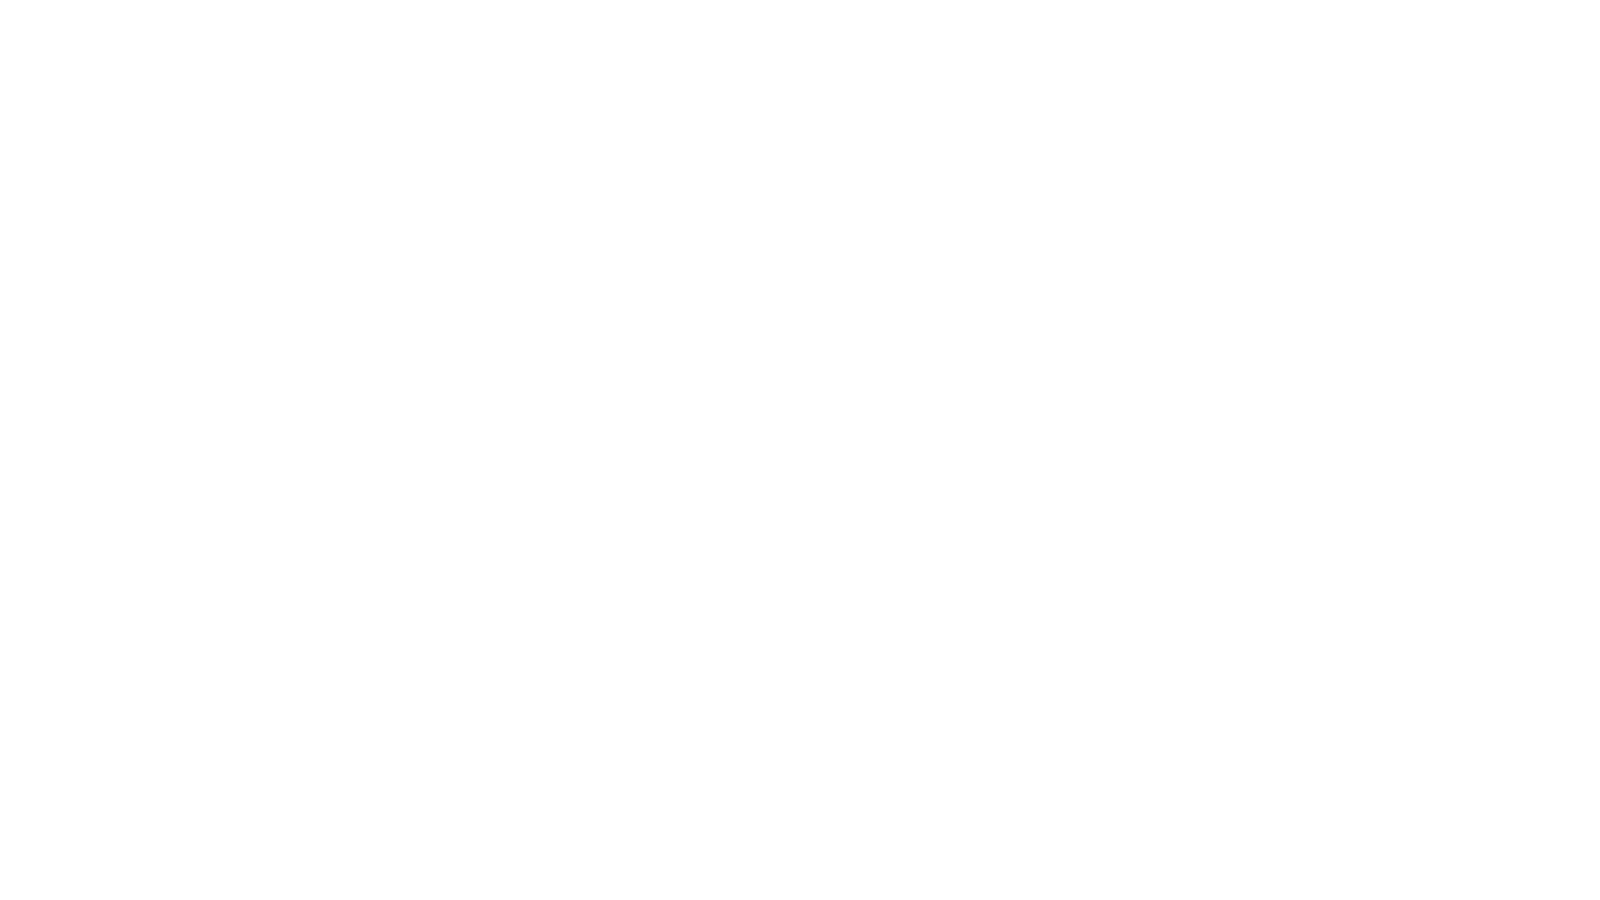 """Was sind eigentlich Branded Communities und wie können Unternehmen solche Communities gezielt für strategisch wichtige Insights nutzen? Darüber spricht Prof. Dr. Michael Bernecker im Interview mit Sebastian Syperek, Head of Customer Insights bei der Deutschen Bahn AG. Erfahren Sie die Funktionsweise und Möglichkeiten der Branded Communities am Beispiel der """"DB Kundenblick"""".   Sie möchen Ihr Wissen zu diesem Thema vertiefen? In unserem Marketingblog finden Sie zahlreiche Beiträge dazu, z.B: https://www.marketinginstitut.biz/blog/customer-engagement/   Sie möchten das Thema Kundenorientierung in Ihrem Unternehmen verankern? Dann besuchen Sie unser Seminar: https://www.marketinginstitut.biz/seminare/customer-centricity-kundenorientierung-seminar/"""